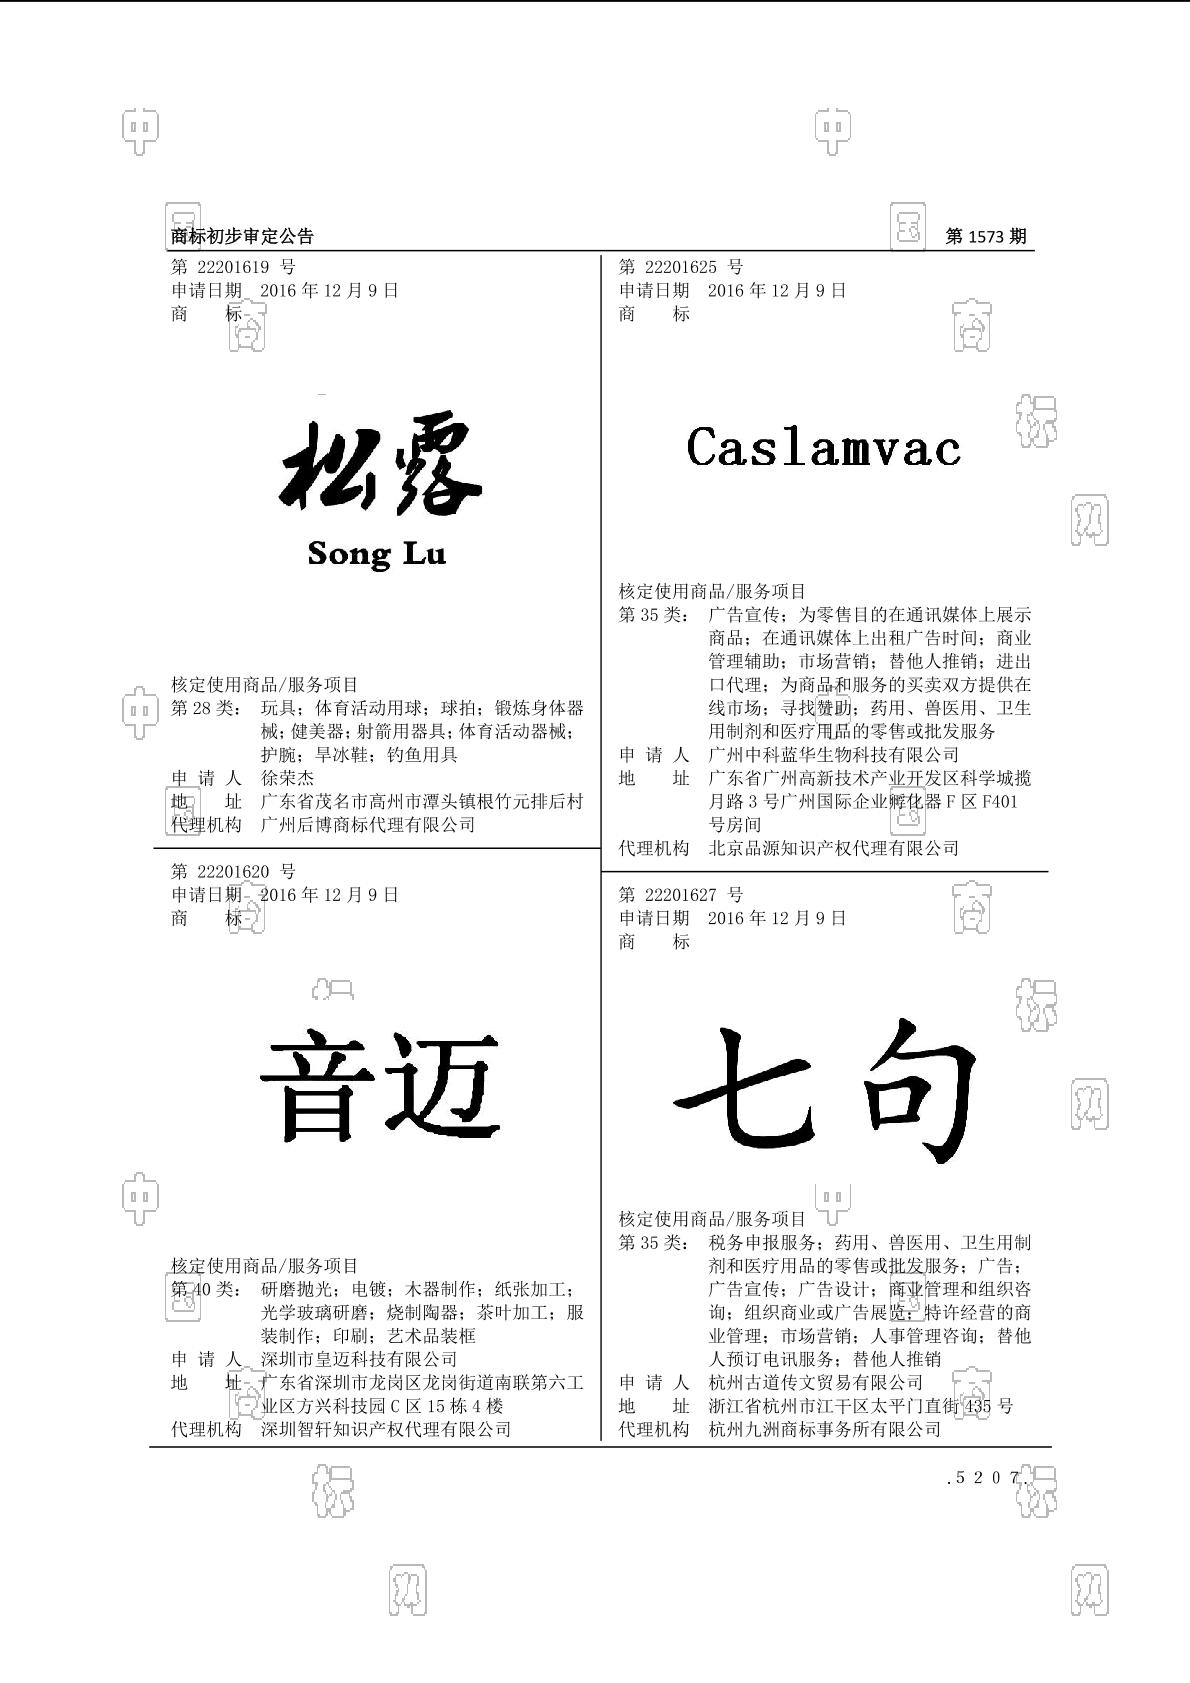 【社标网】松露商标状态注册号信息 徐荣杰商标信息-商标查询